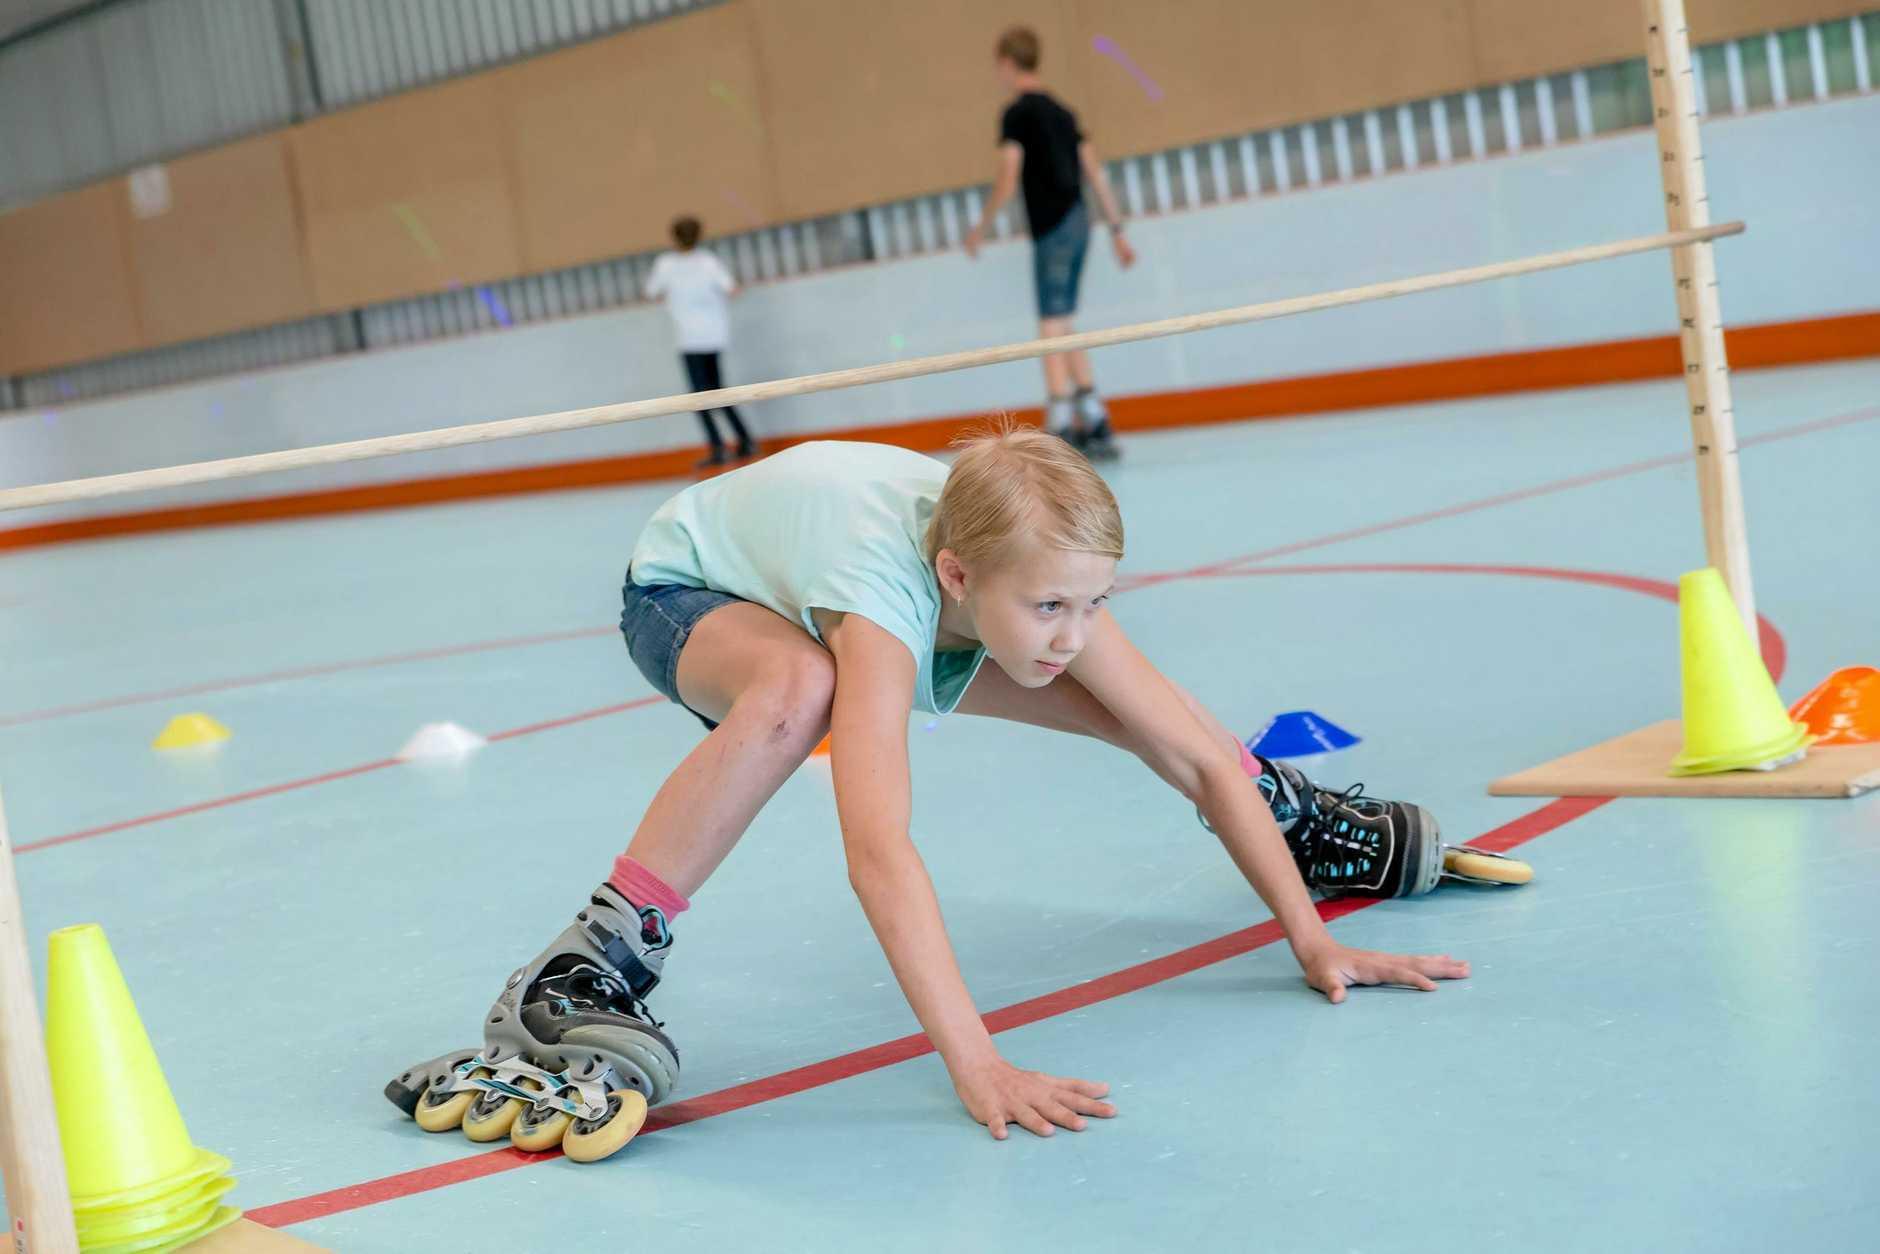 Skatezone - Shaicee Weller